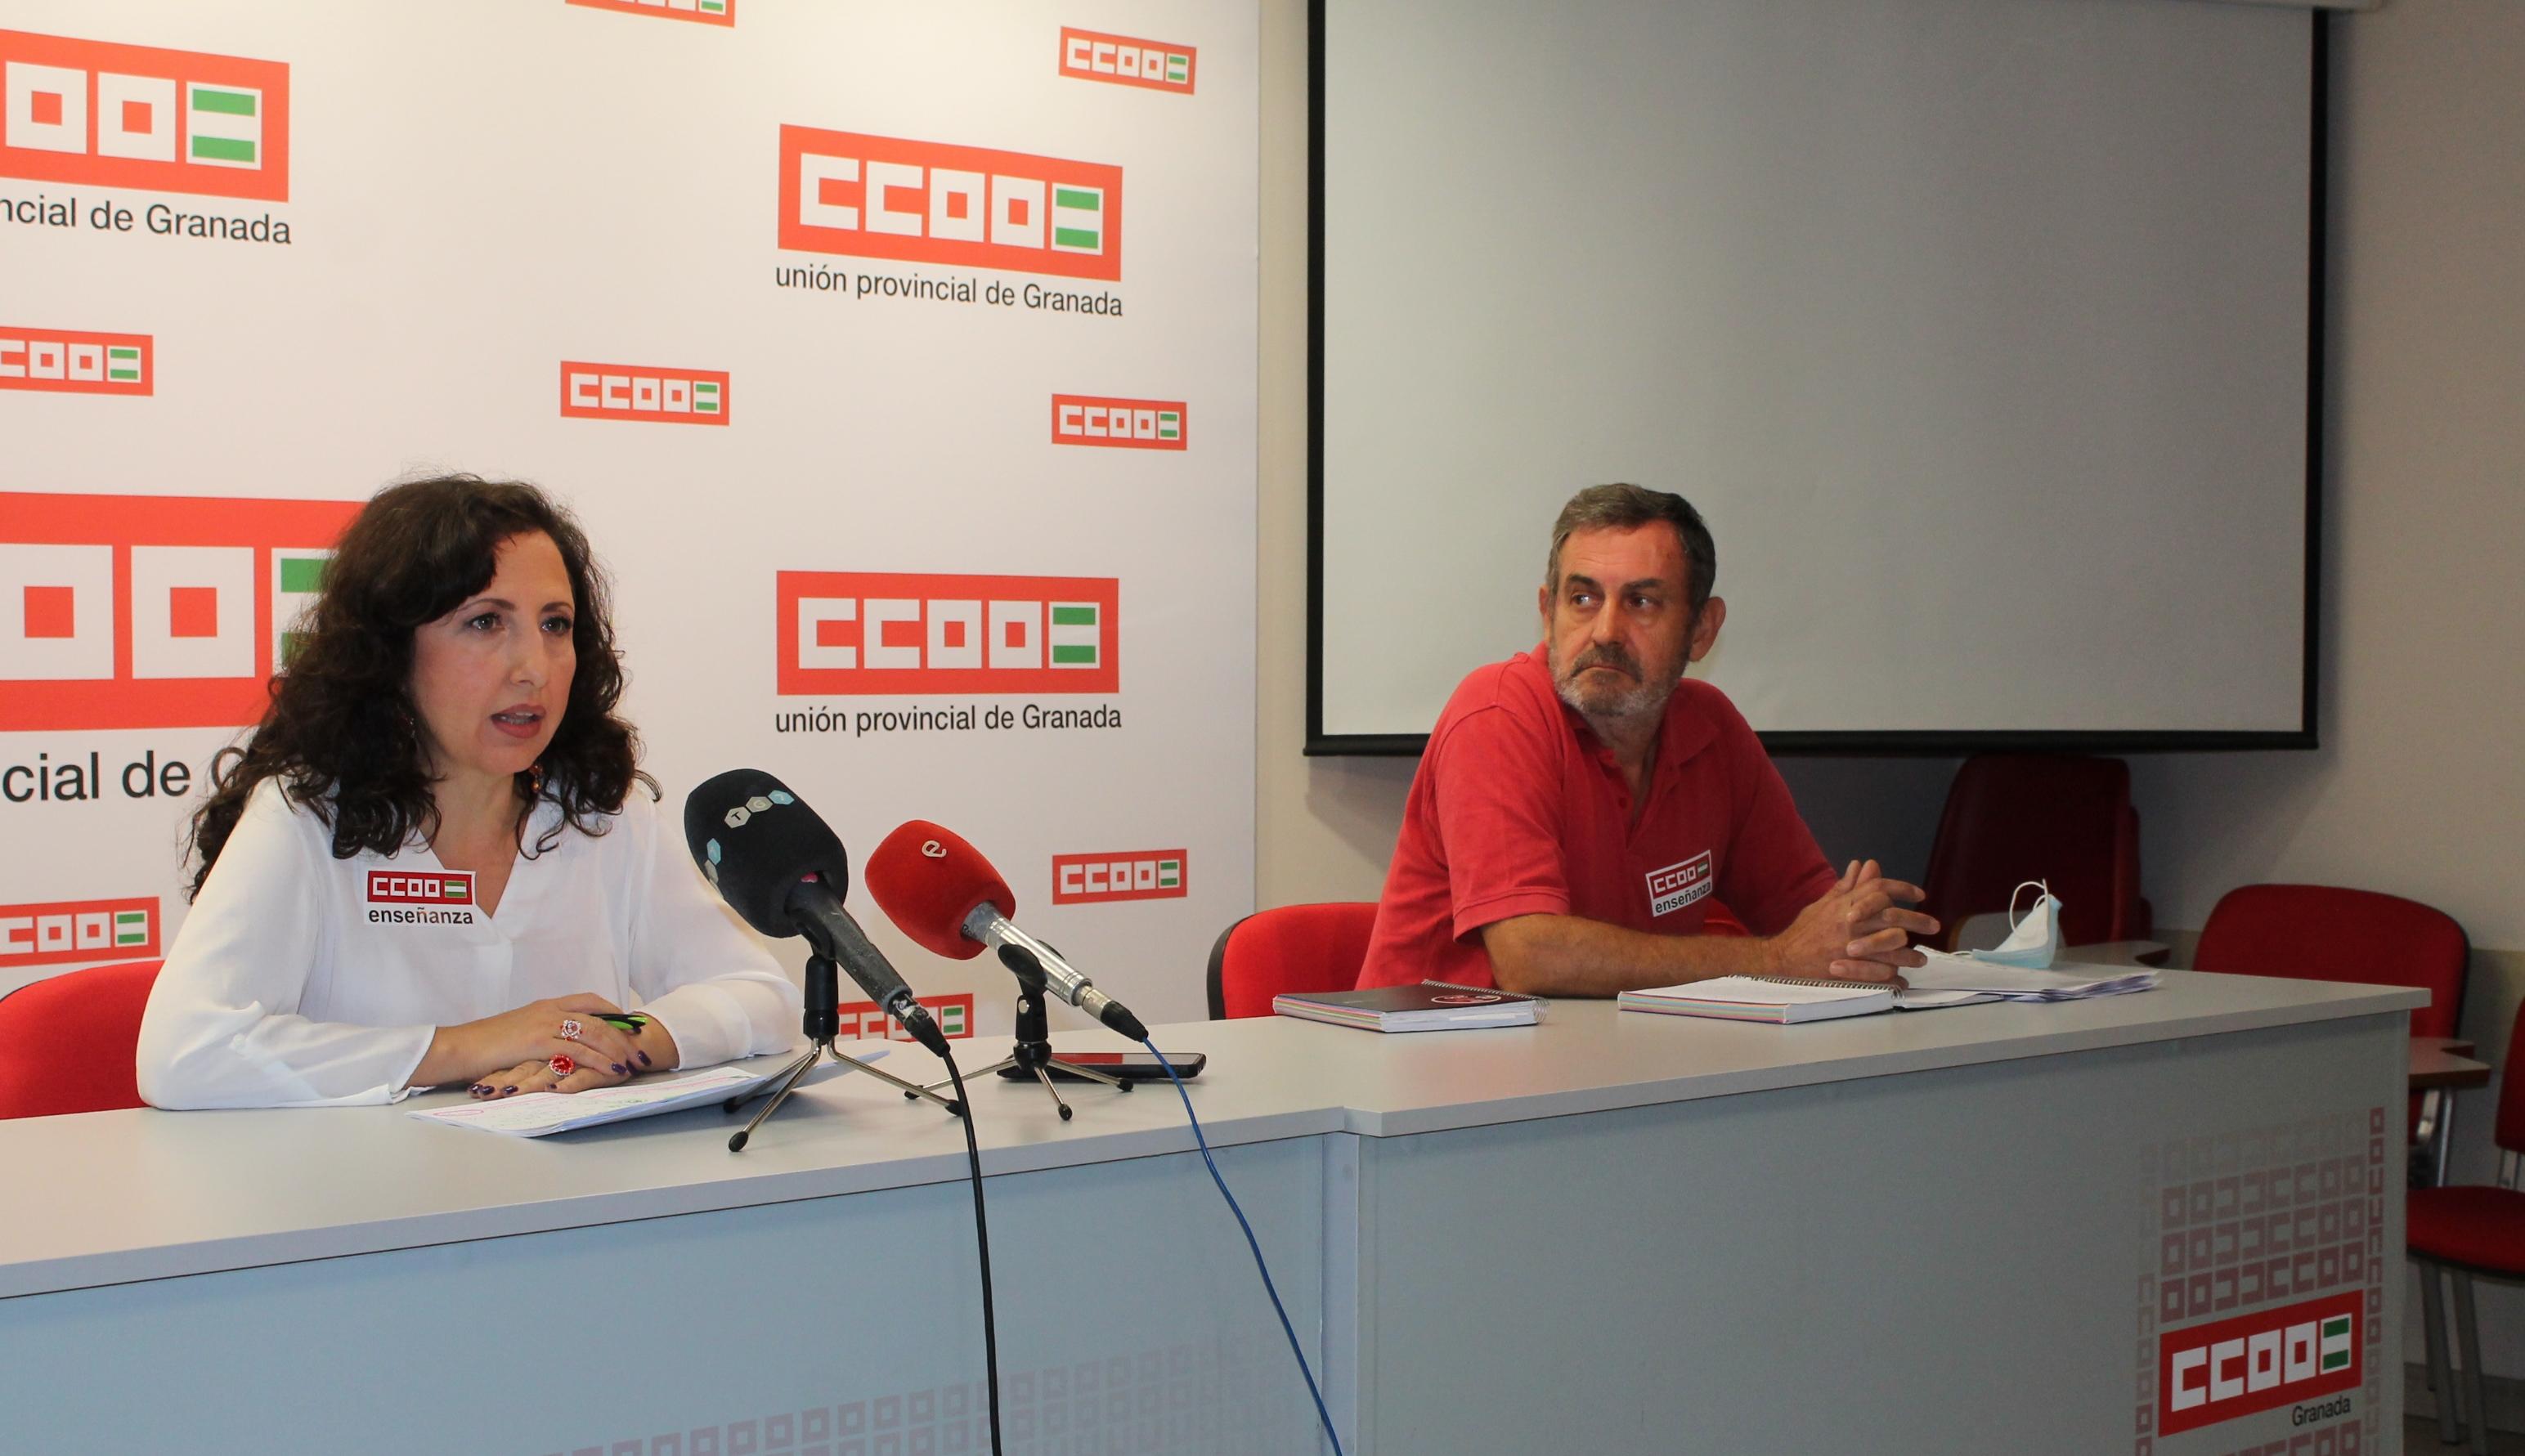 CCOO protesta contra la contratación de personal externo para apoyo contra el Covid-19